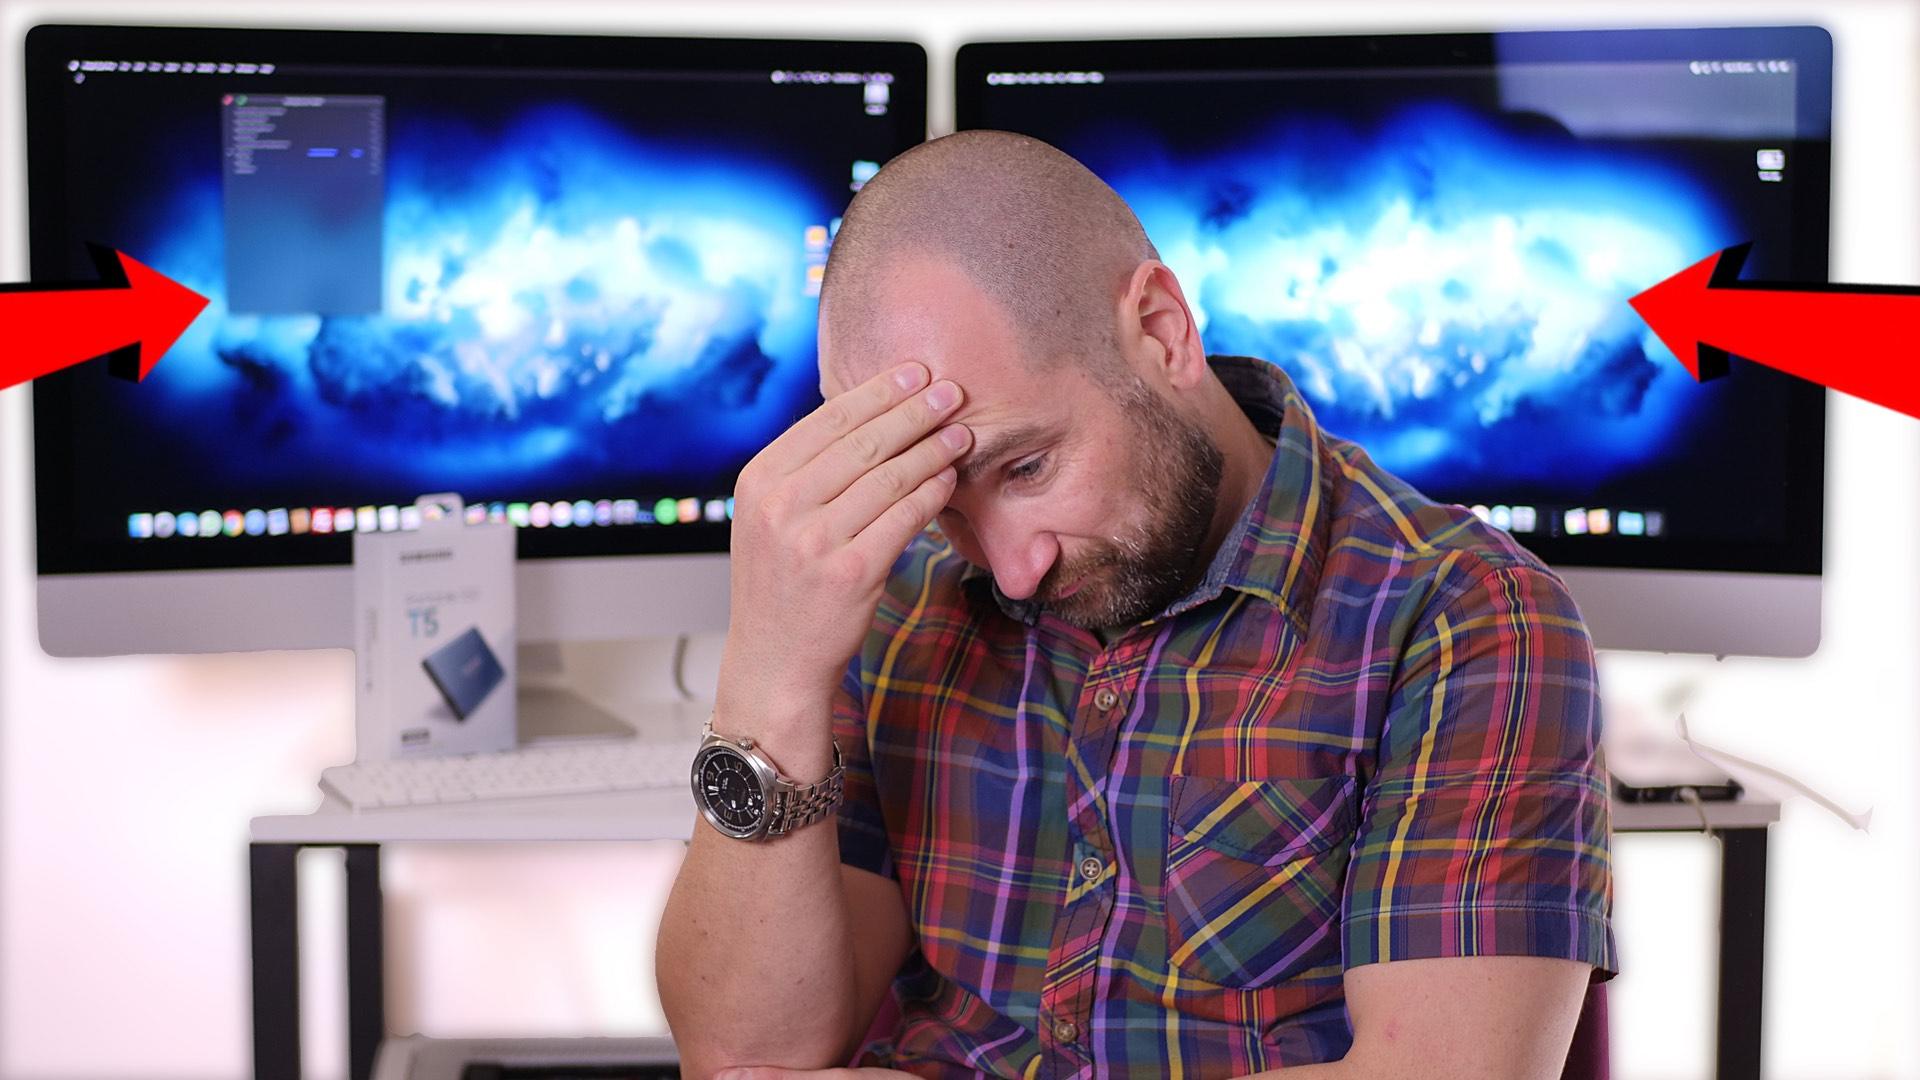 2015 vs 2019 iMac